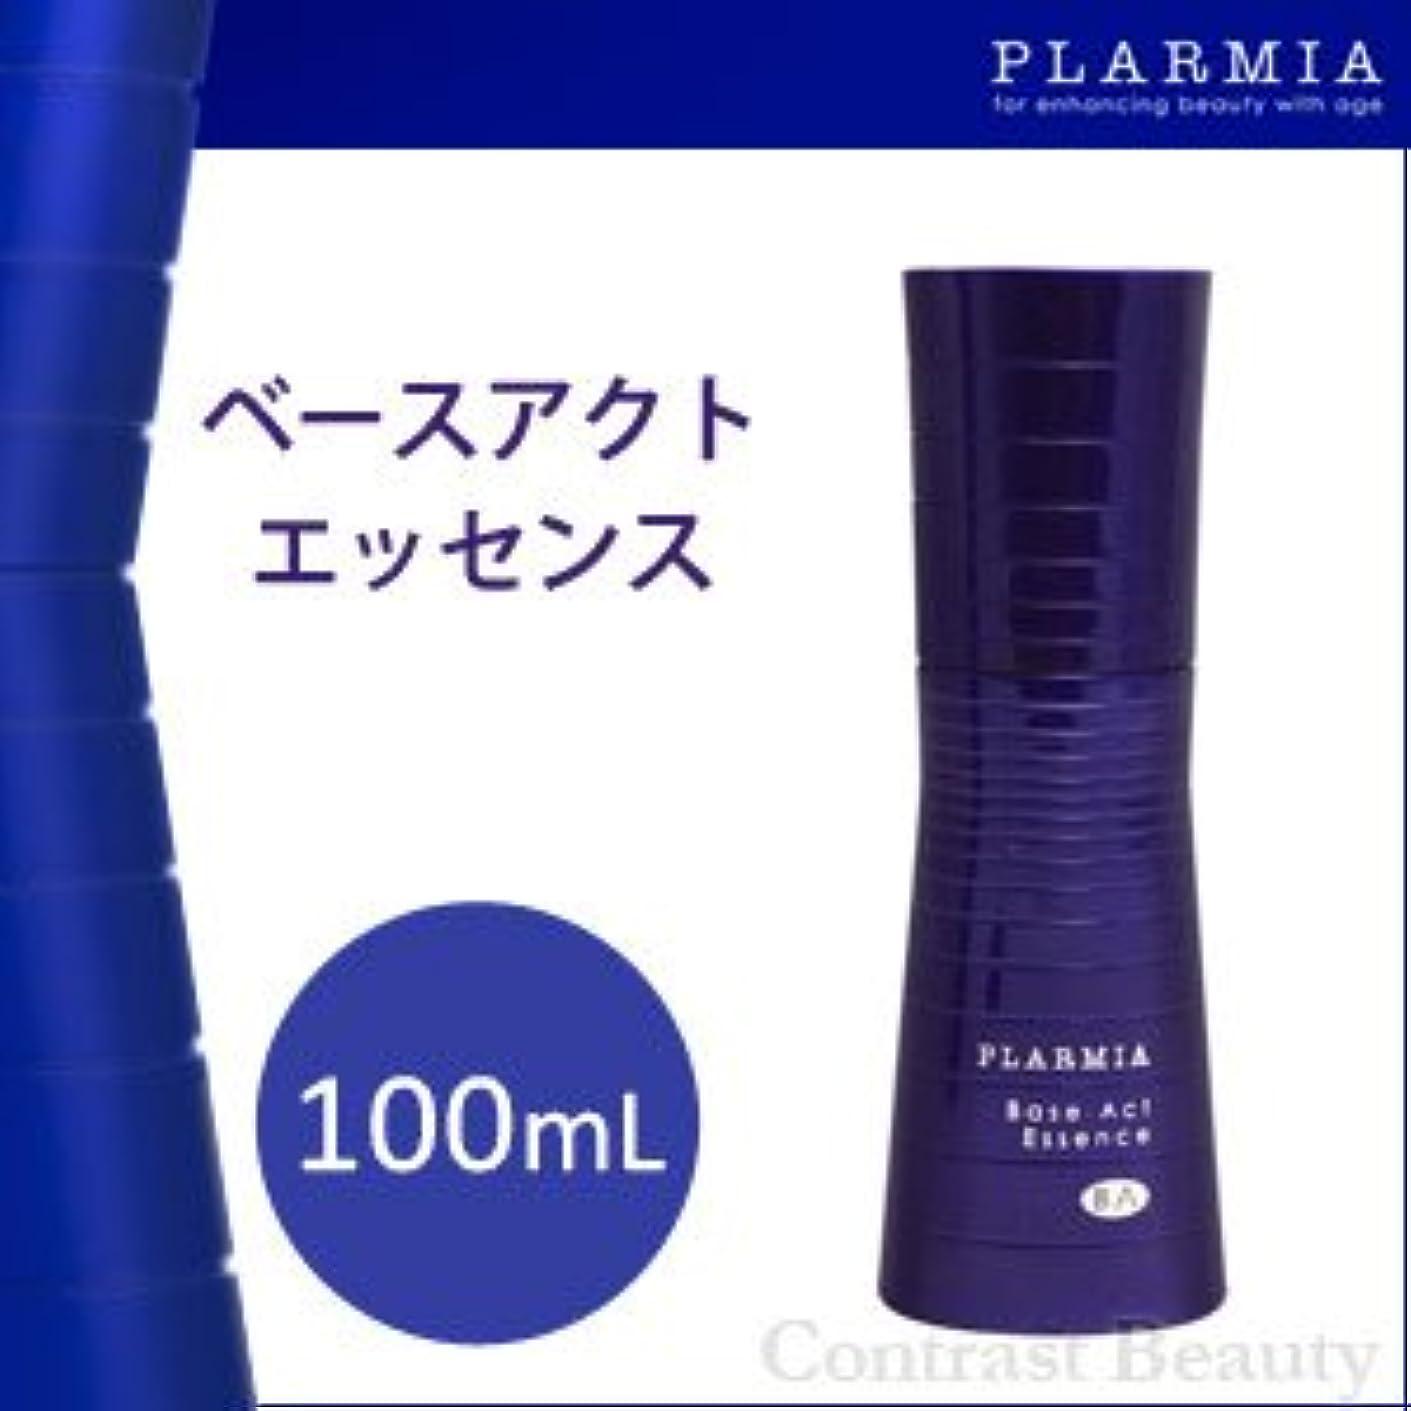 砂の指導する控えめな【X3個セット】 ミルボン プラーミア ベースアクトエッセンス 100ml 医薬部外品